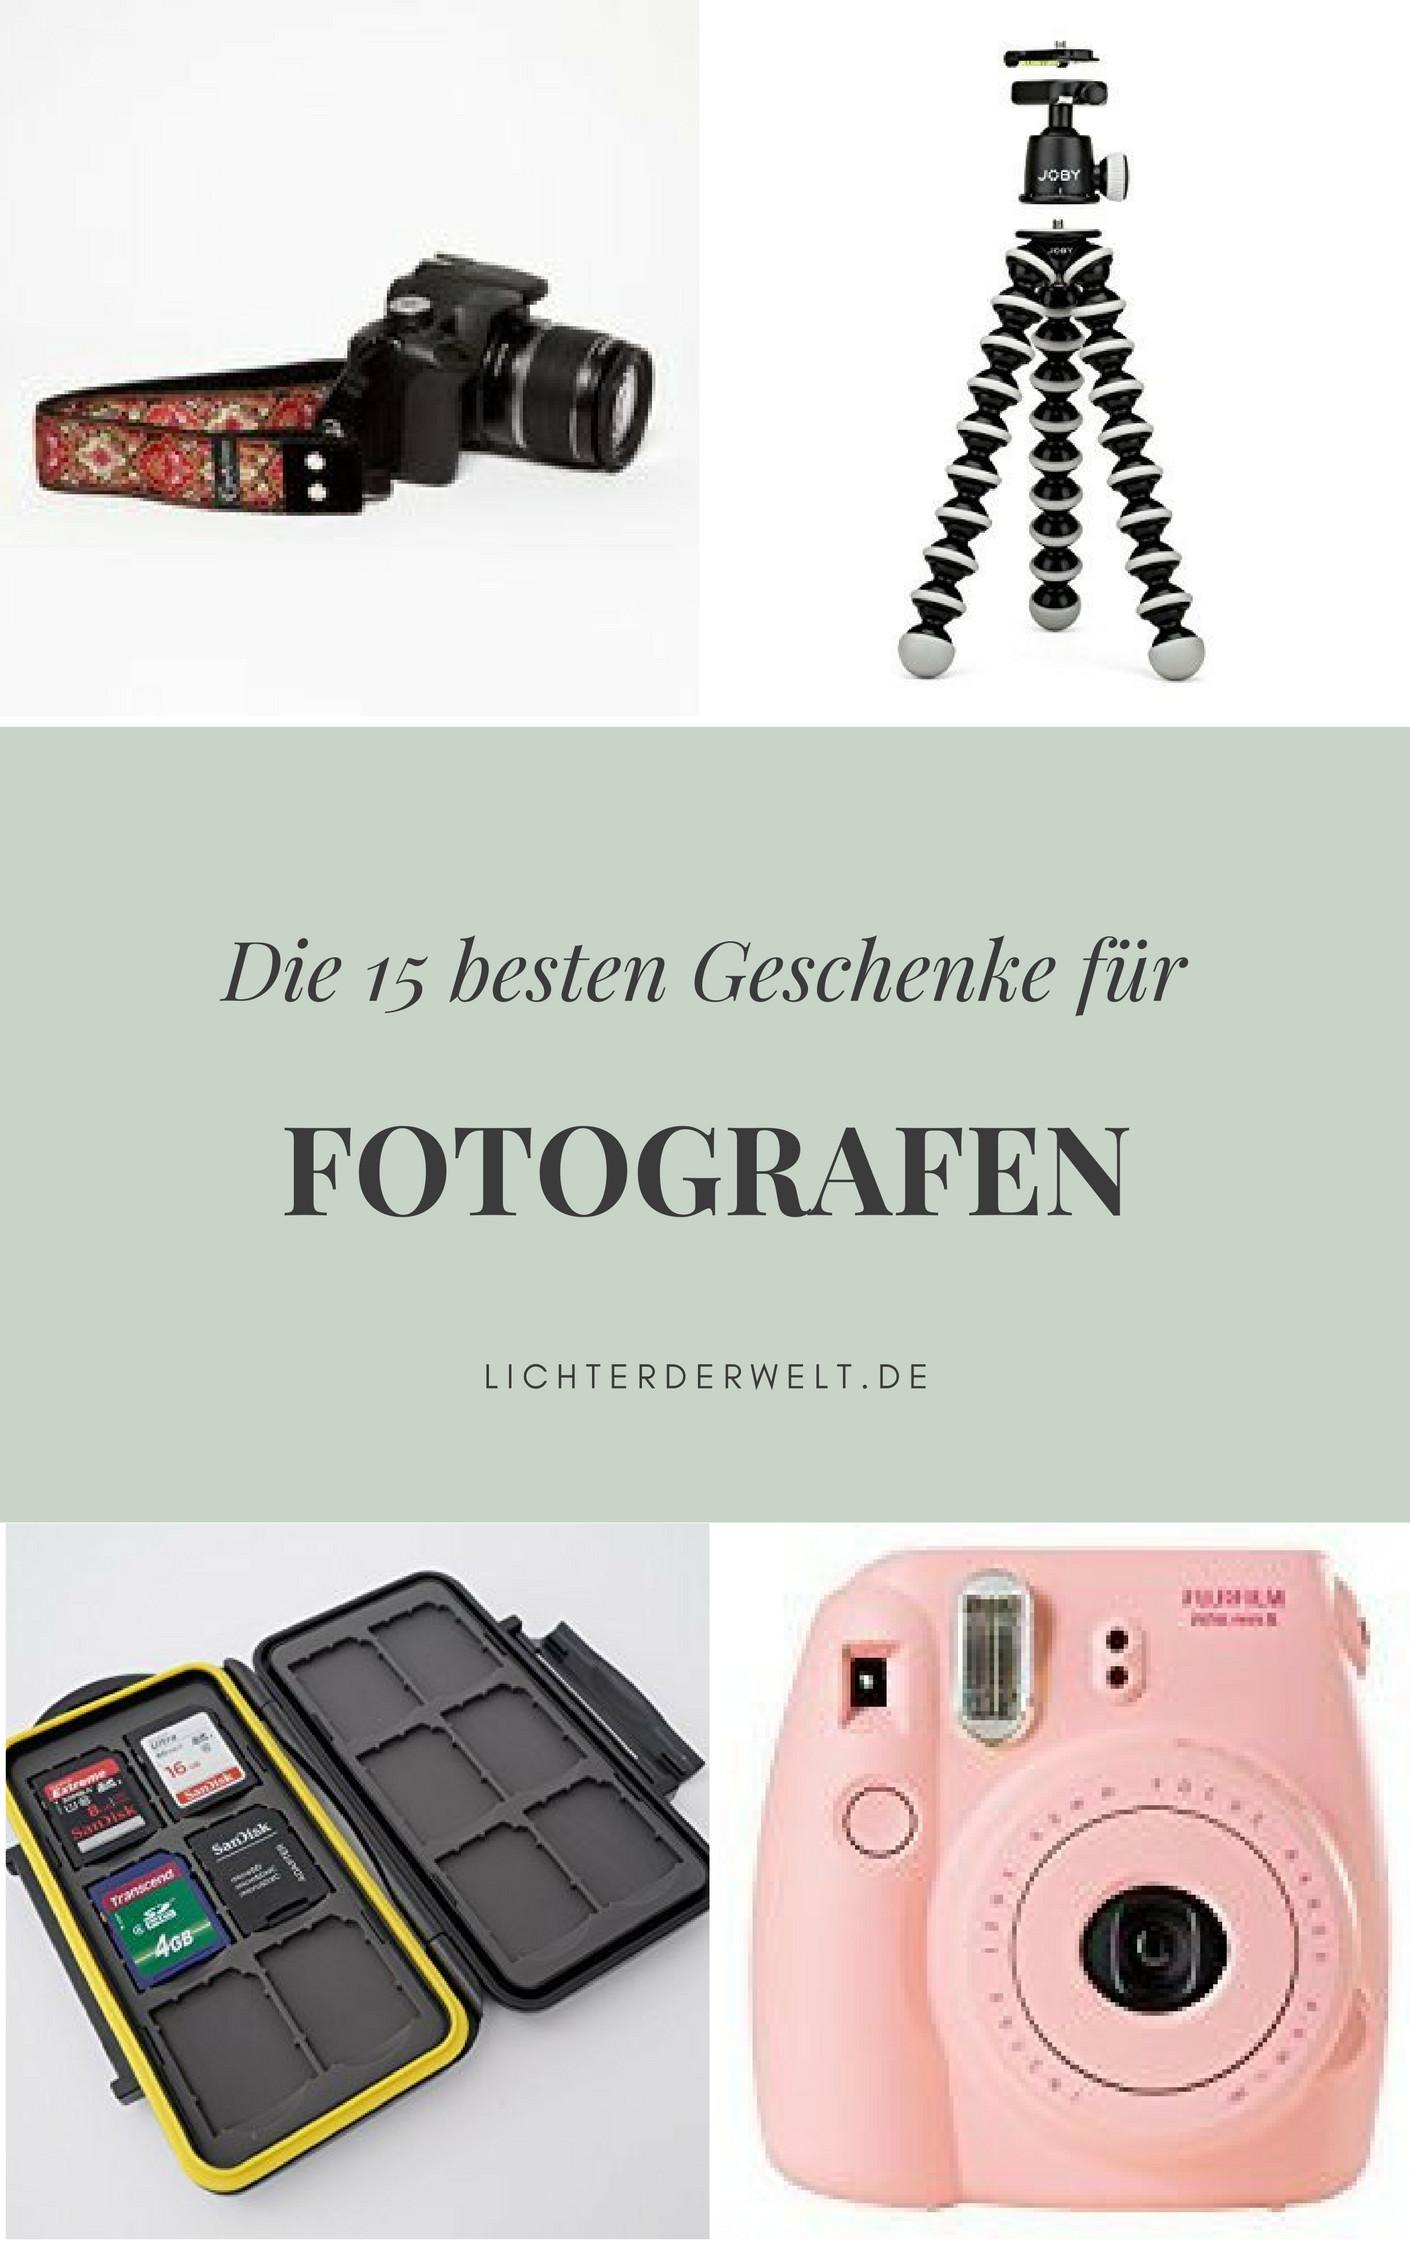 Geschenke Für Fotografen  Die 15 besten Geschenke für Fotografen Kamera